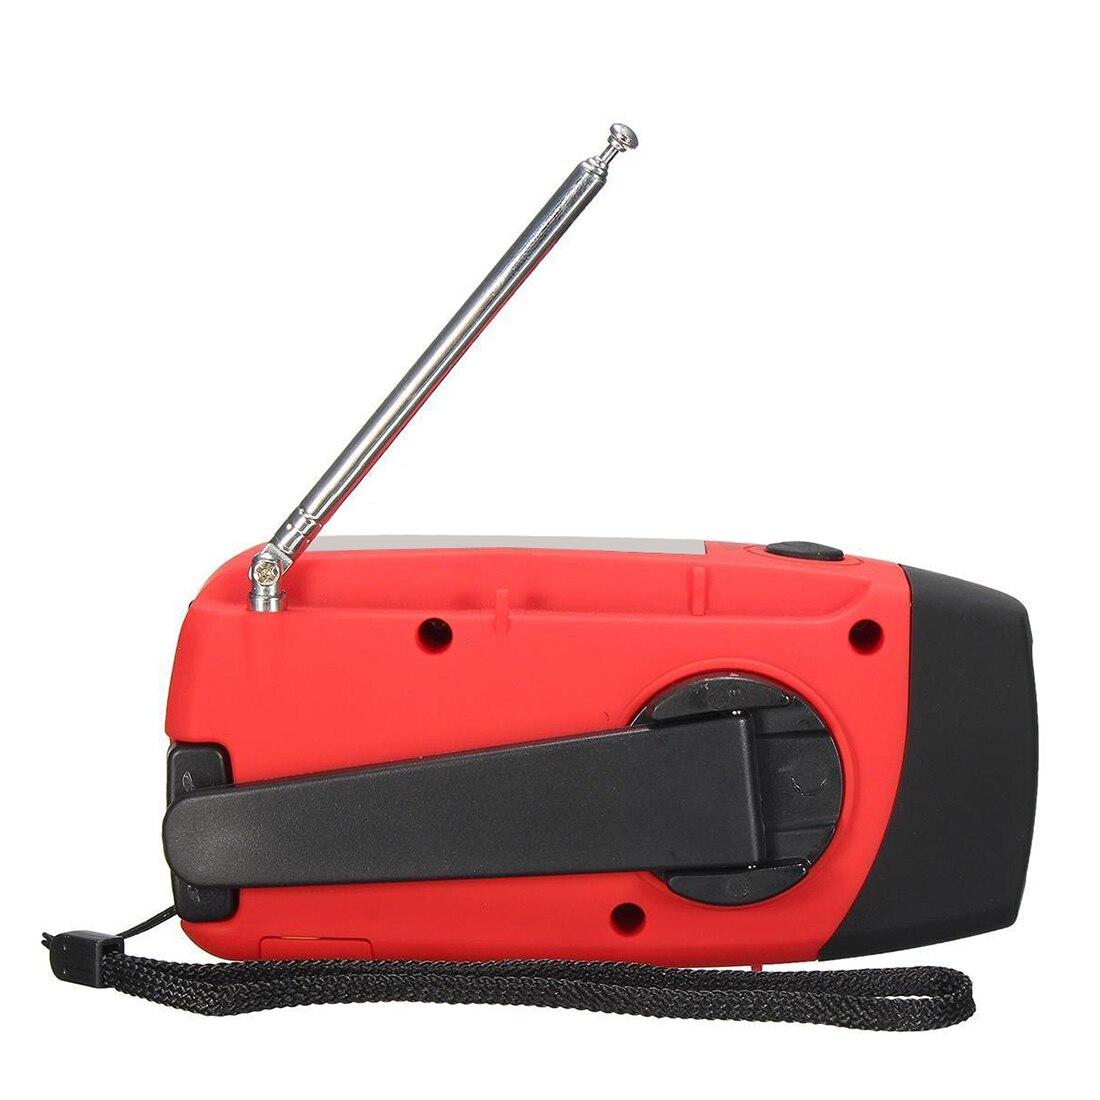 Водонепроницаемый Портативный рукоятки Солнечный Радио AM/FM 3 светодиодный фонарик телефон Зарядное устройство Красный